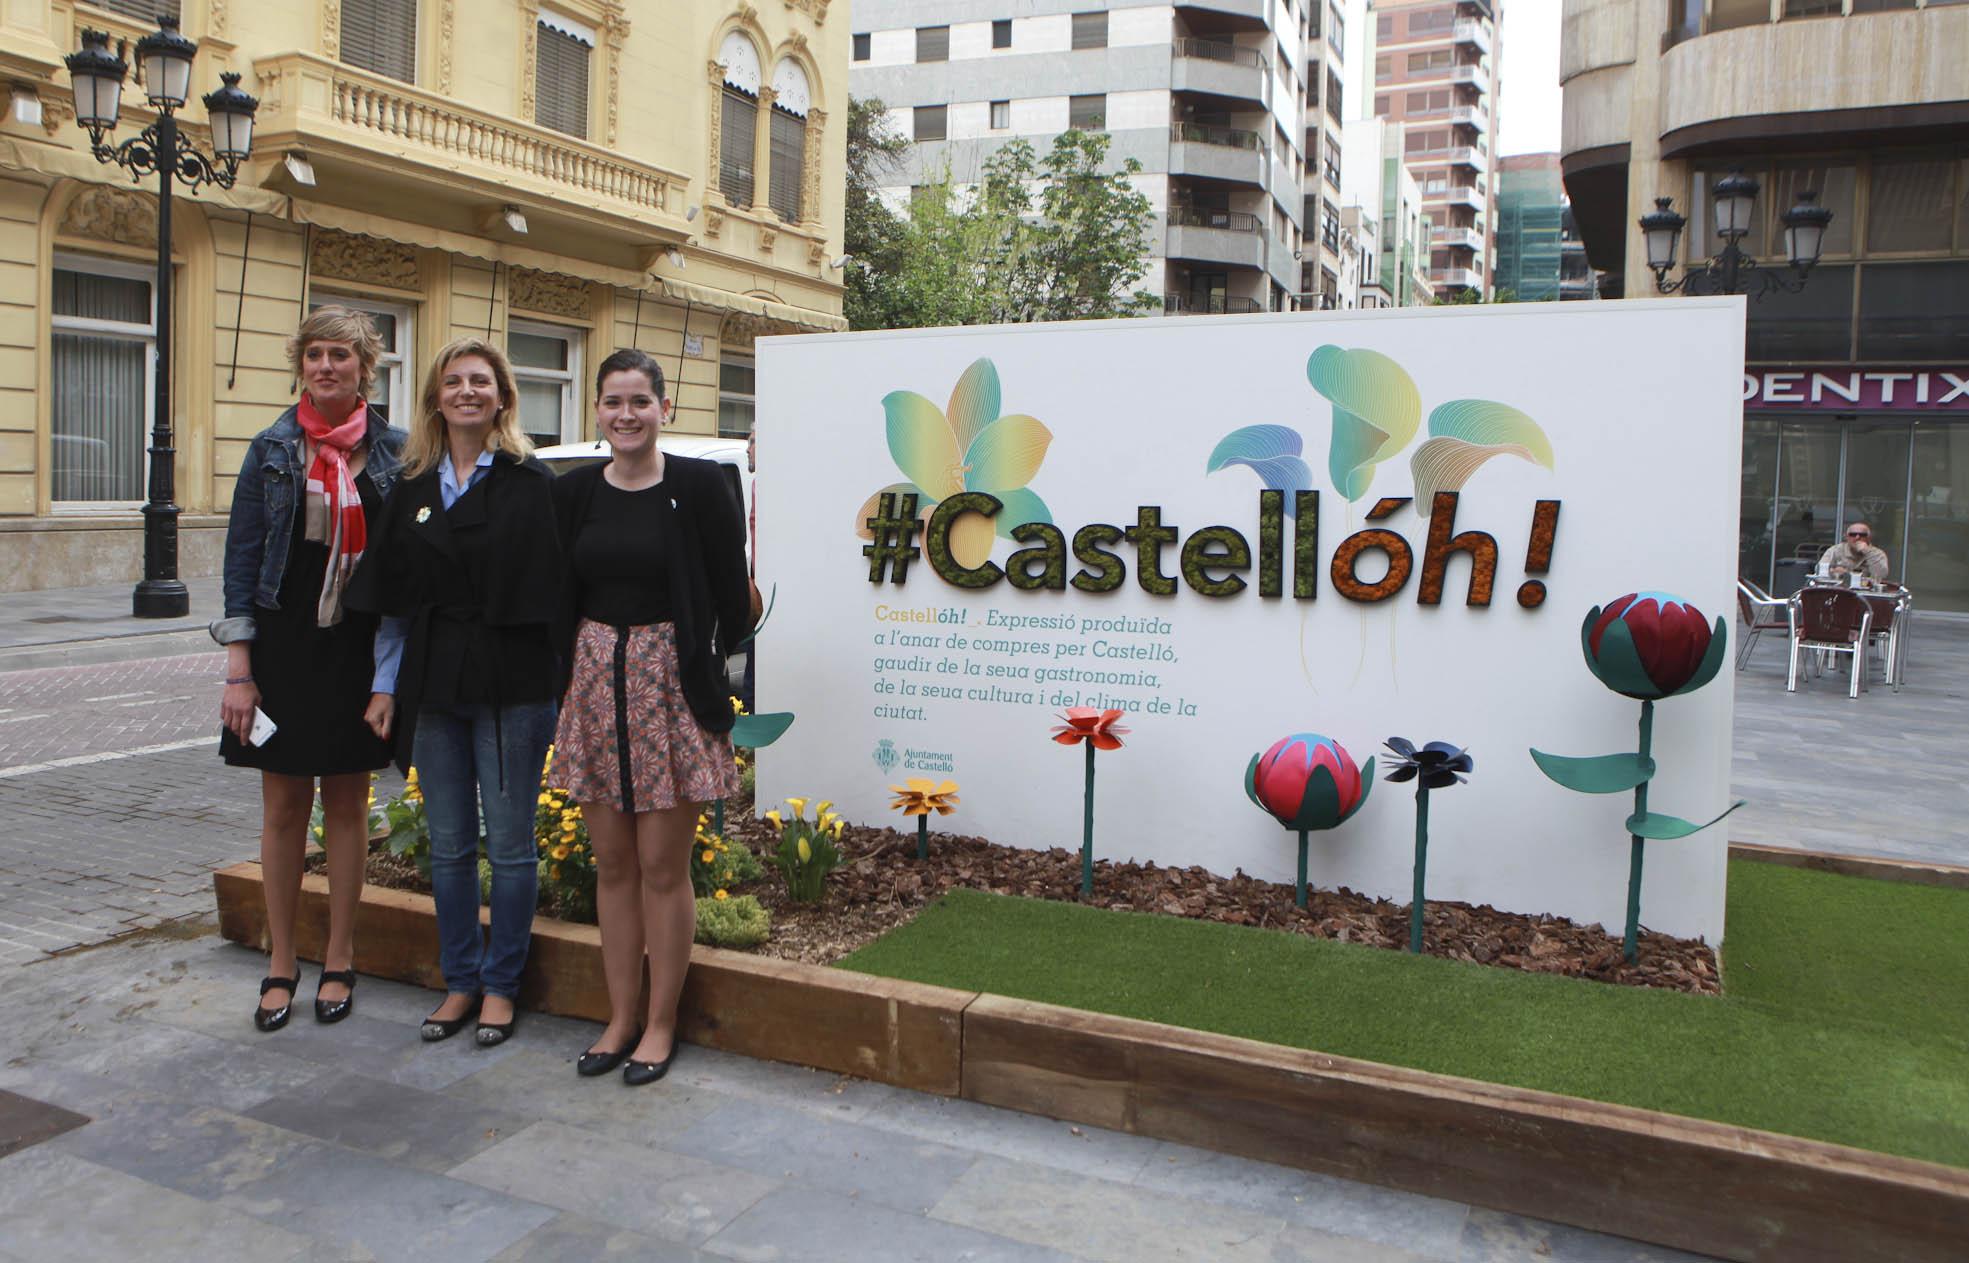 Castellón reivindica su imagen como ciudad comercial, gastronómica y cultural con una campaña de dinamización hasta finales de mayo